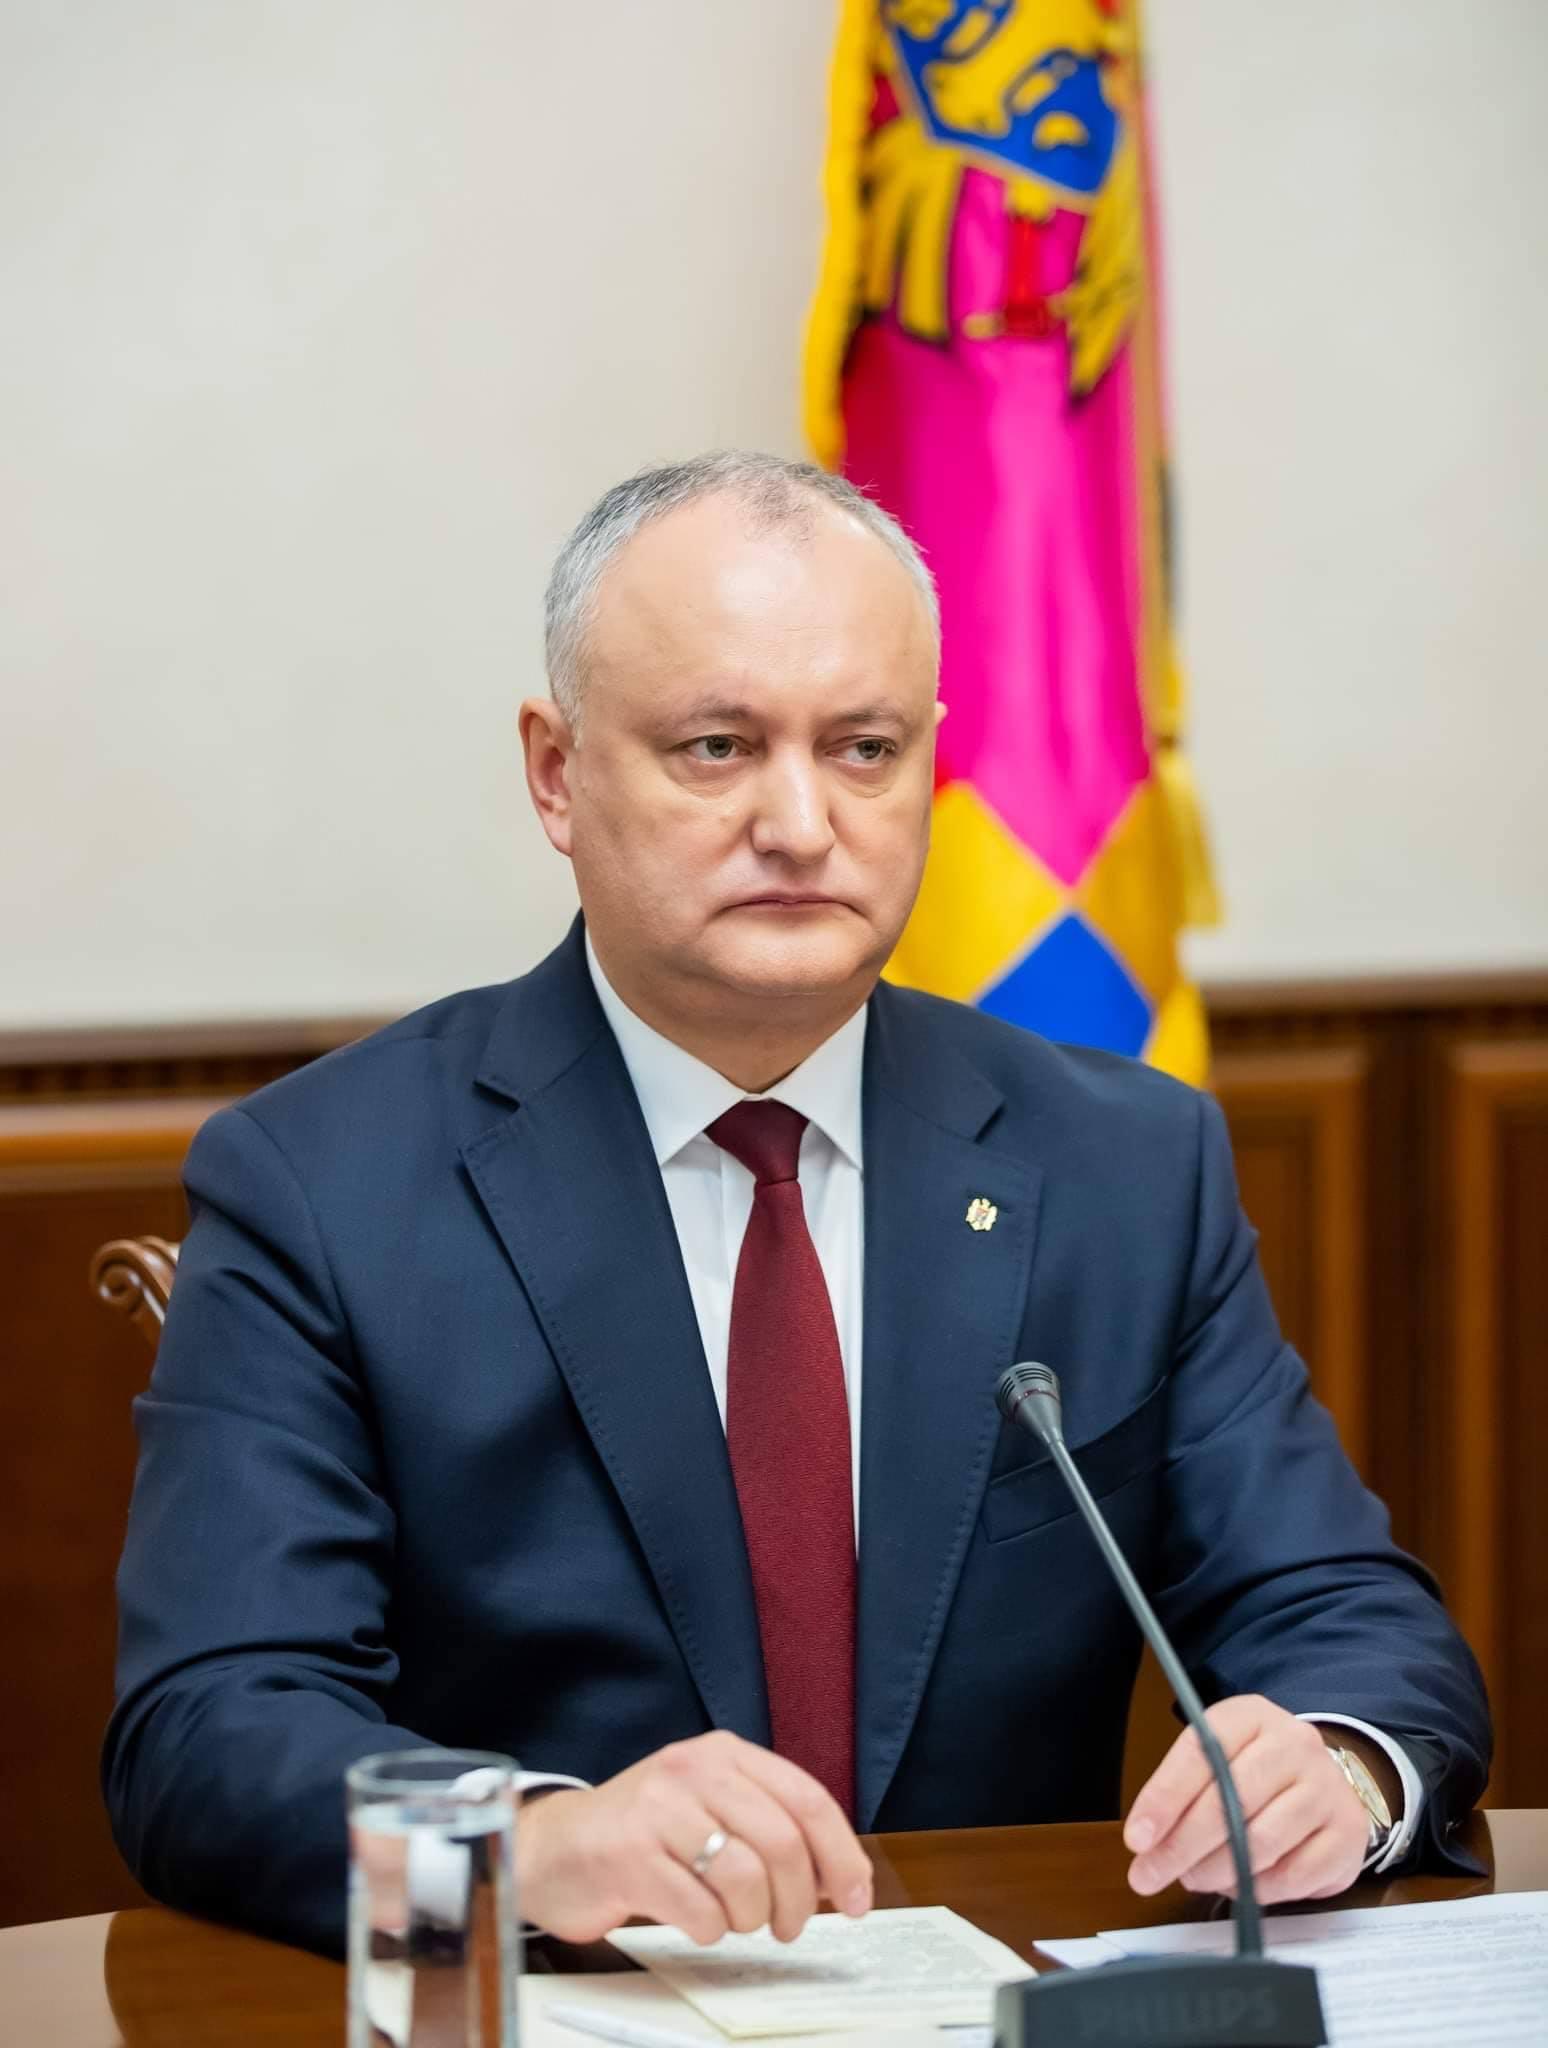 Igor Dodon: Situația de urgență declarată de Parlament trebuie continuată, iar unele restricții ar putea fi minimizate sau parțial retrase